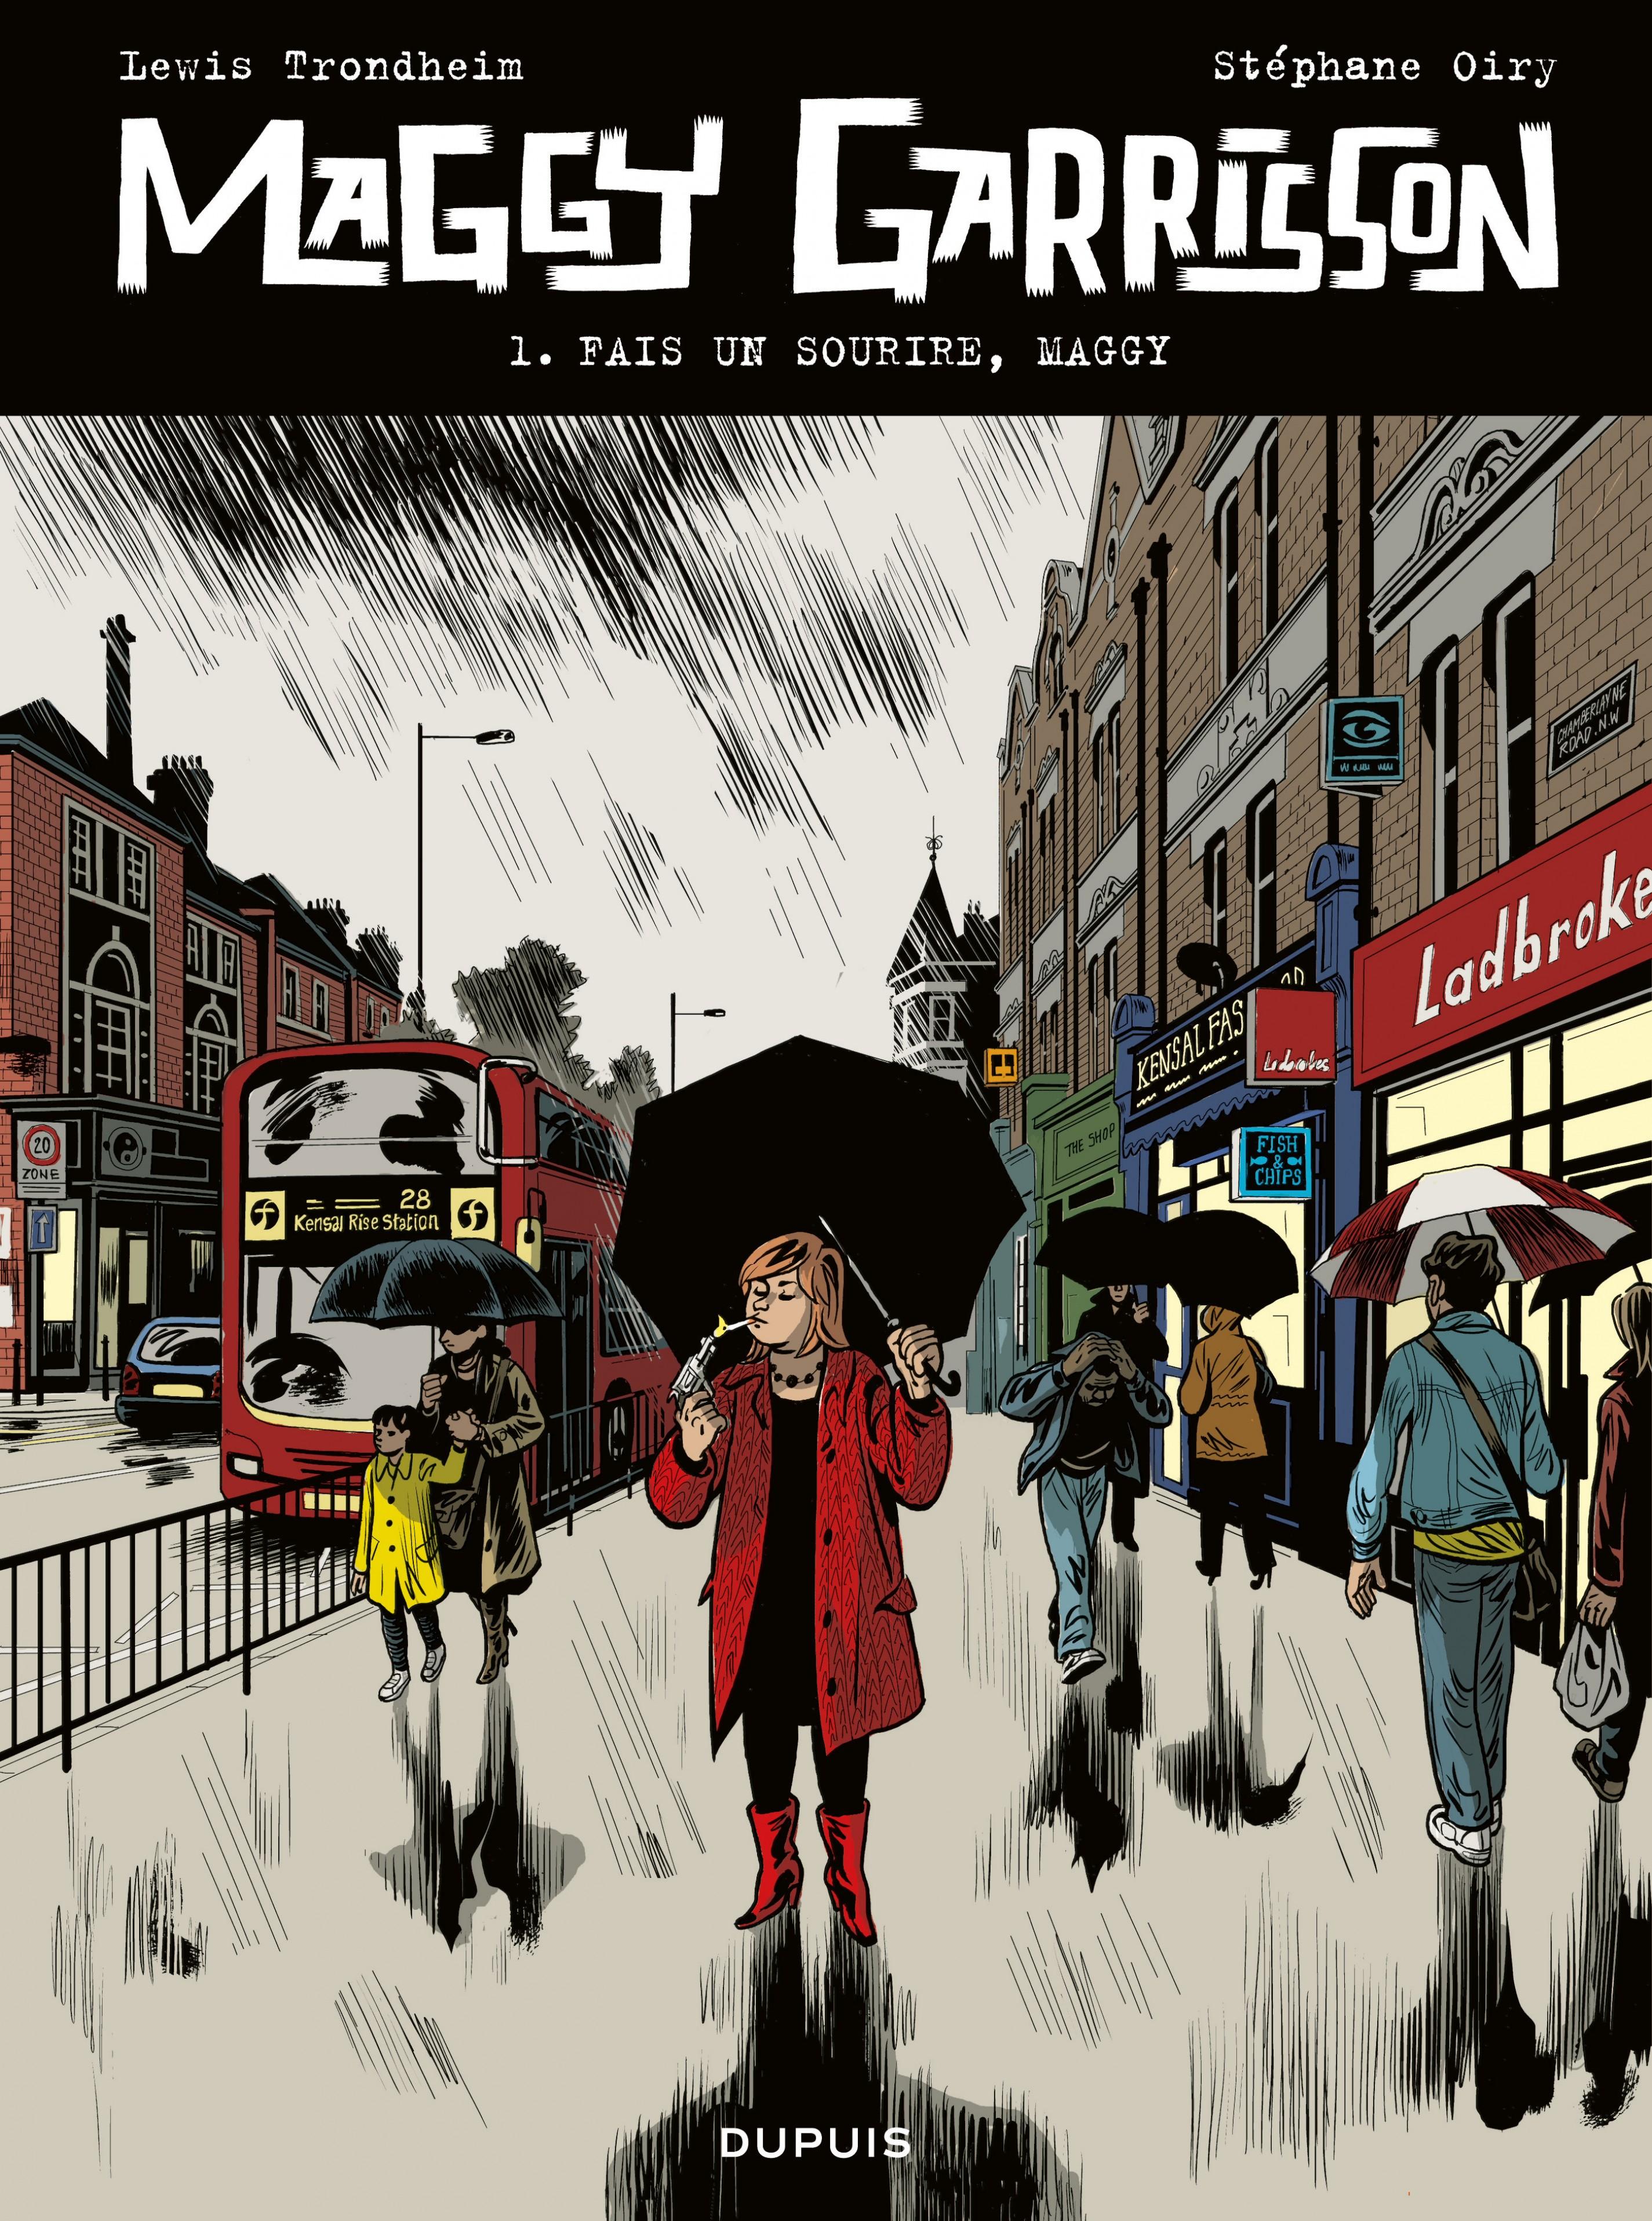 Couverture : Maggy Garrisson T.1 : Fais un sourire, Maggy Lewis Trondheim, Stéphane Oiry